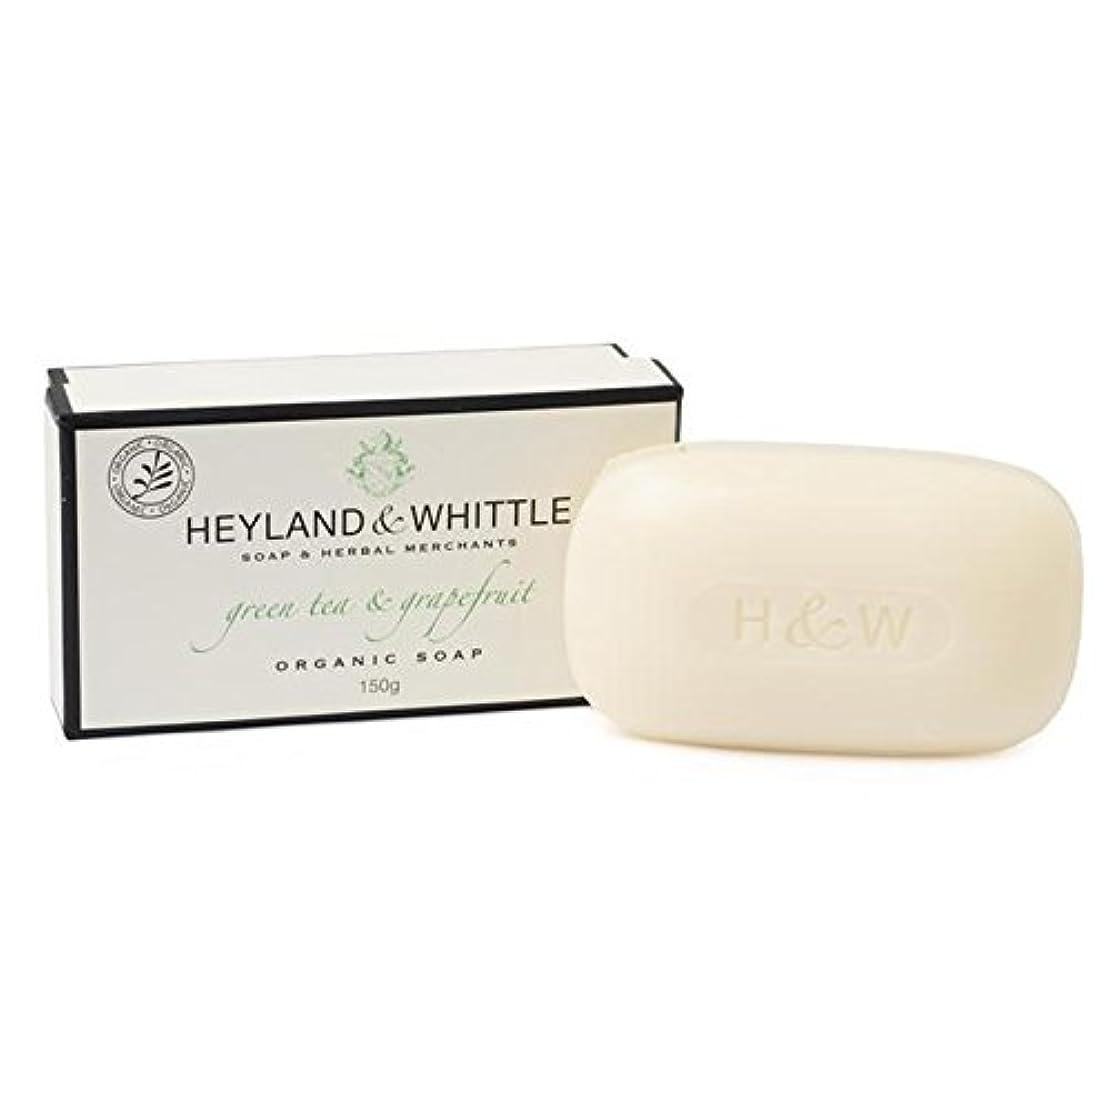 無限大接辞空虚Heyland & Whittle Green Tea & Grapefruit Boxed Organic Soap 150g - &削る緑茶&グレープフルーツはオーガニックソープ150グラム箱入り [並行輸入品]